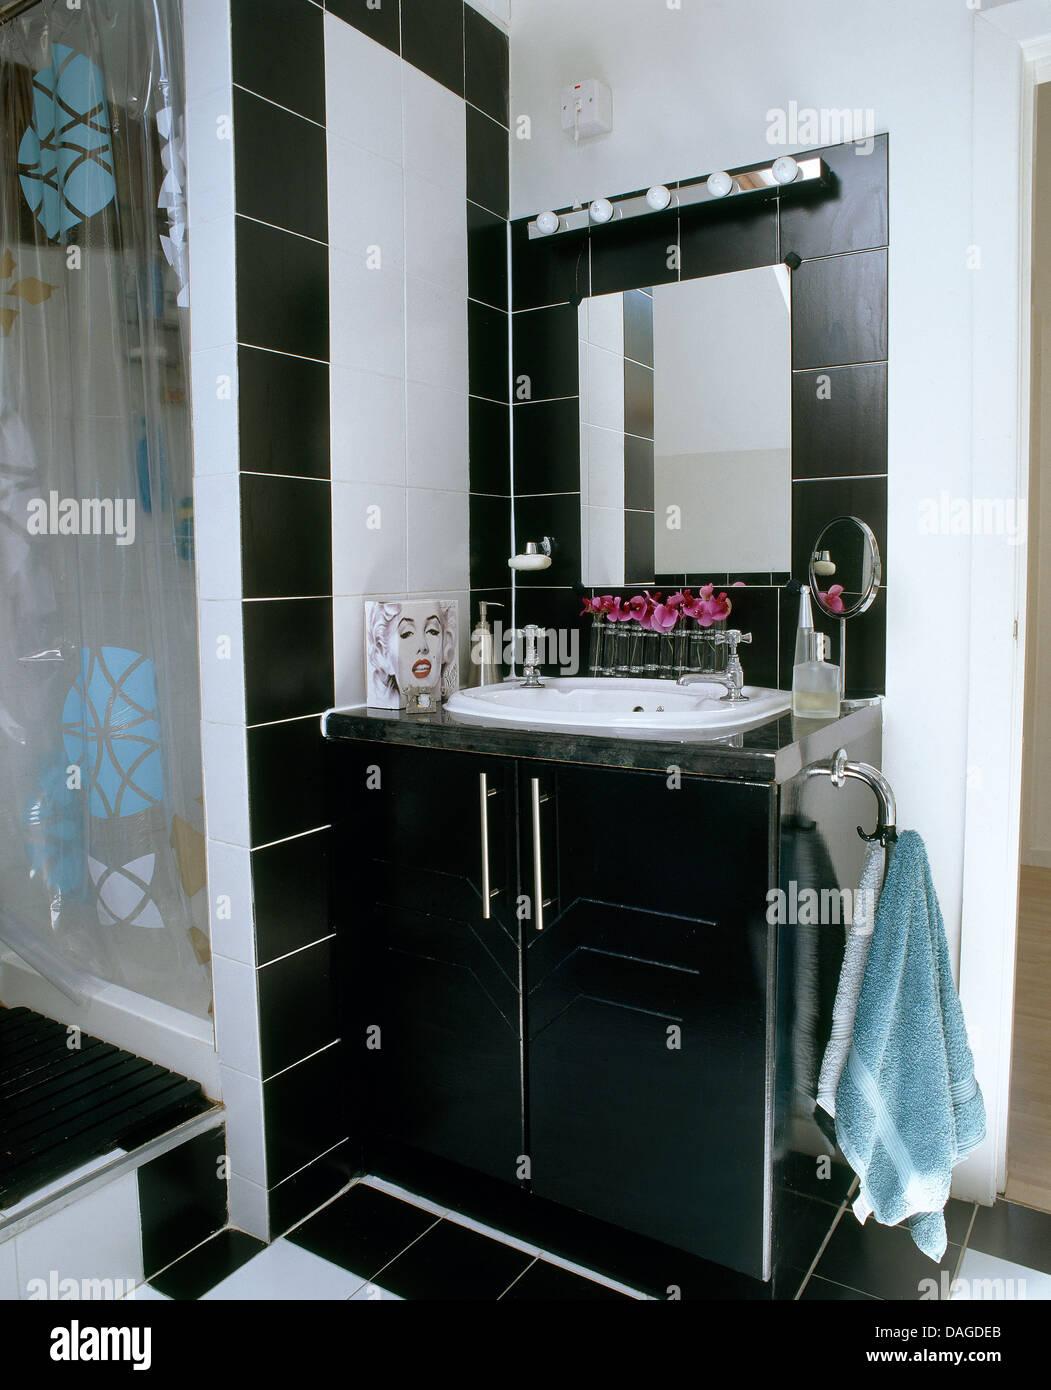 Schwarze Fliesen Spiegel über dem Waschbecken in der ...